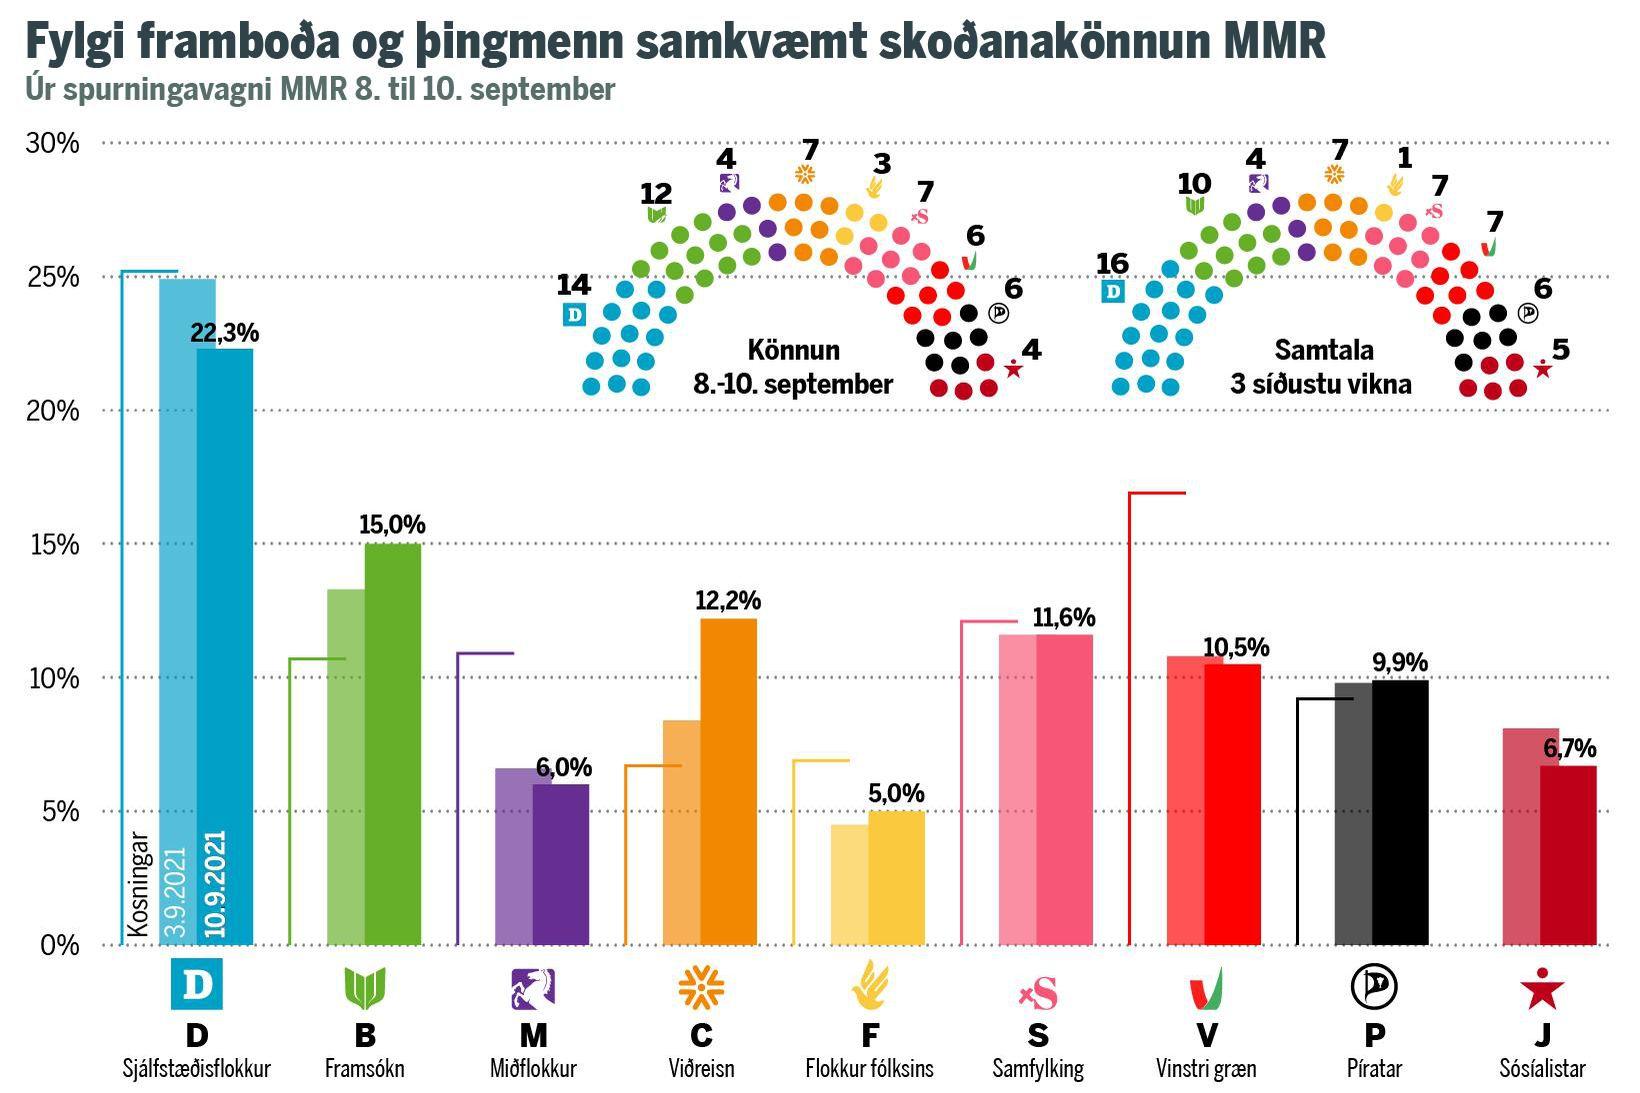 Fylgi flokkanna samkvæmt könnun MMR 8.-10. september.